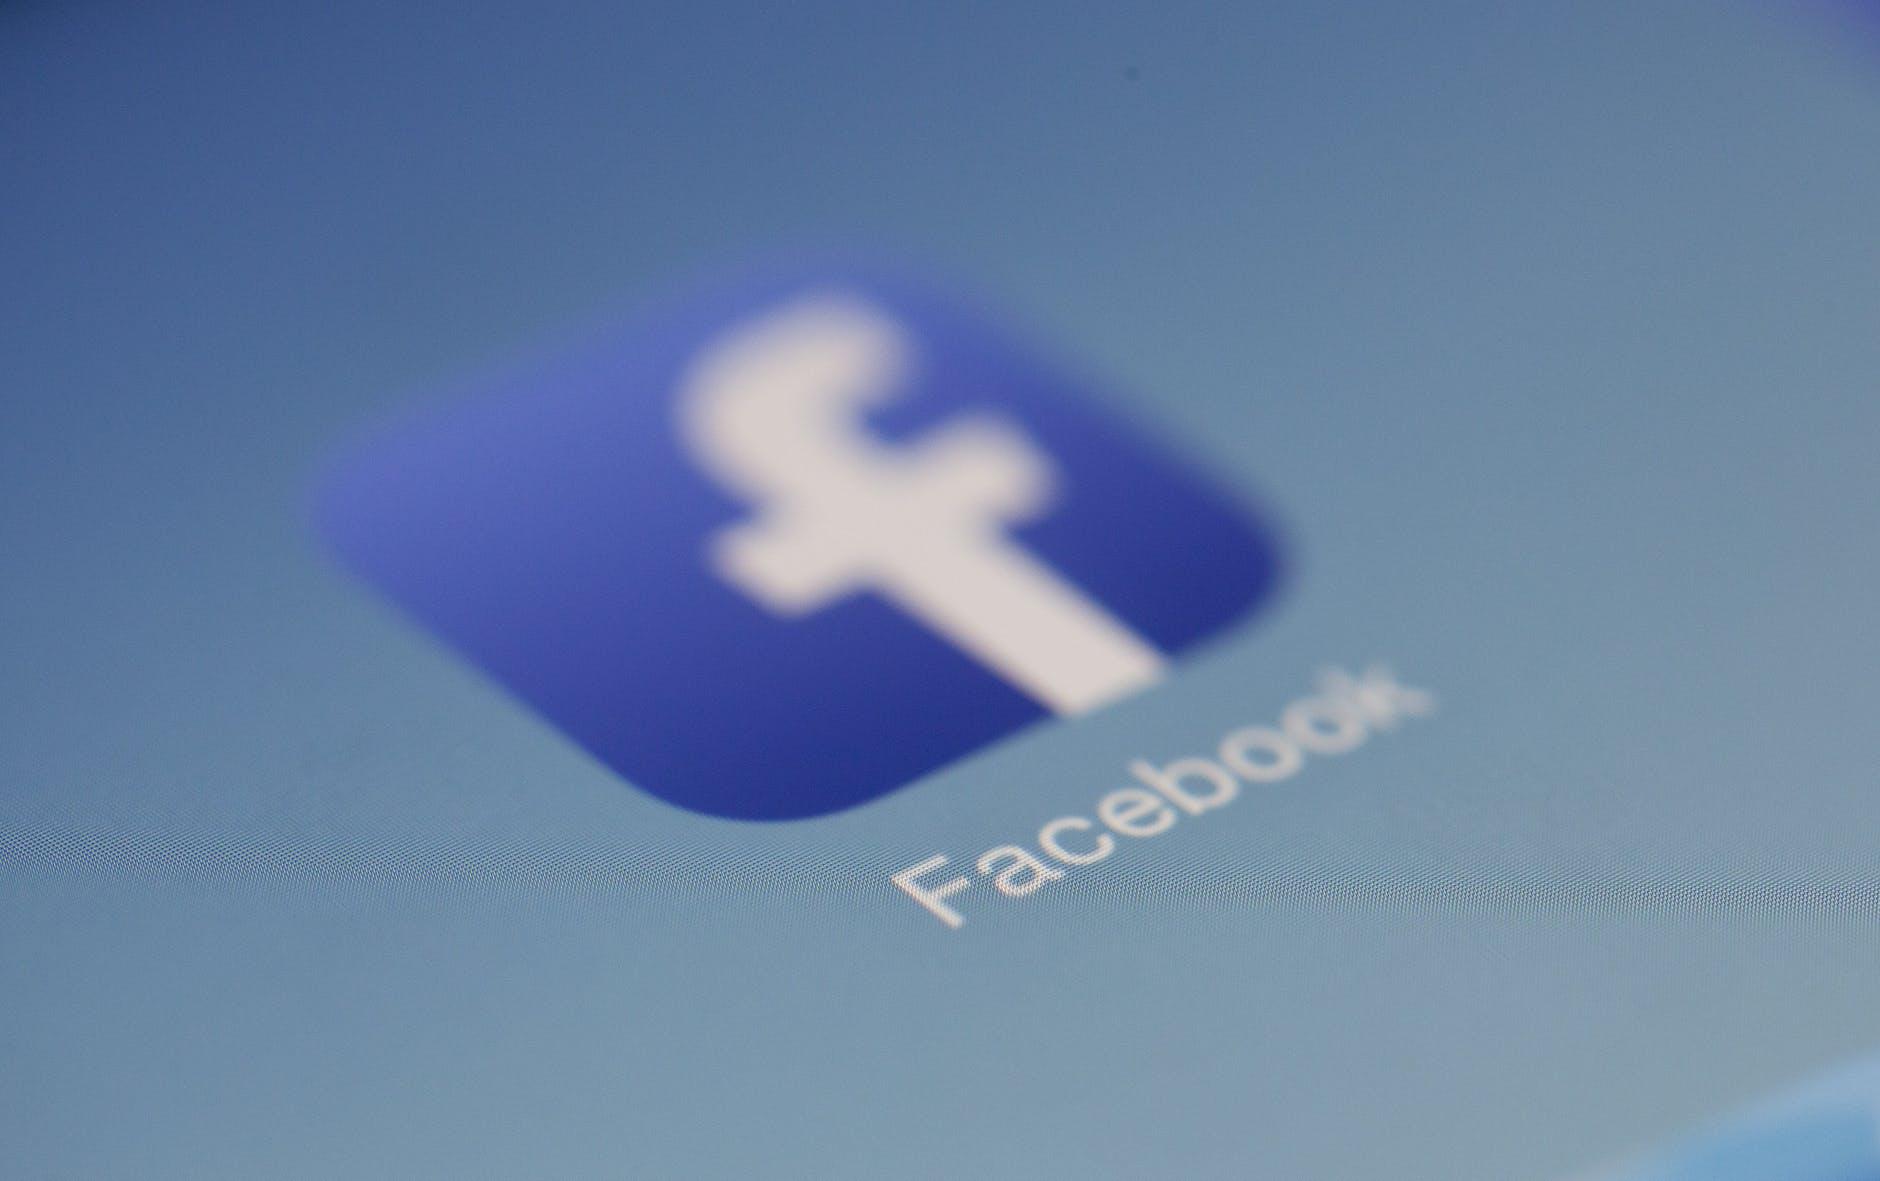 今年最適合工作的十個IT公司,你忘了Facebook了嗎?